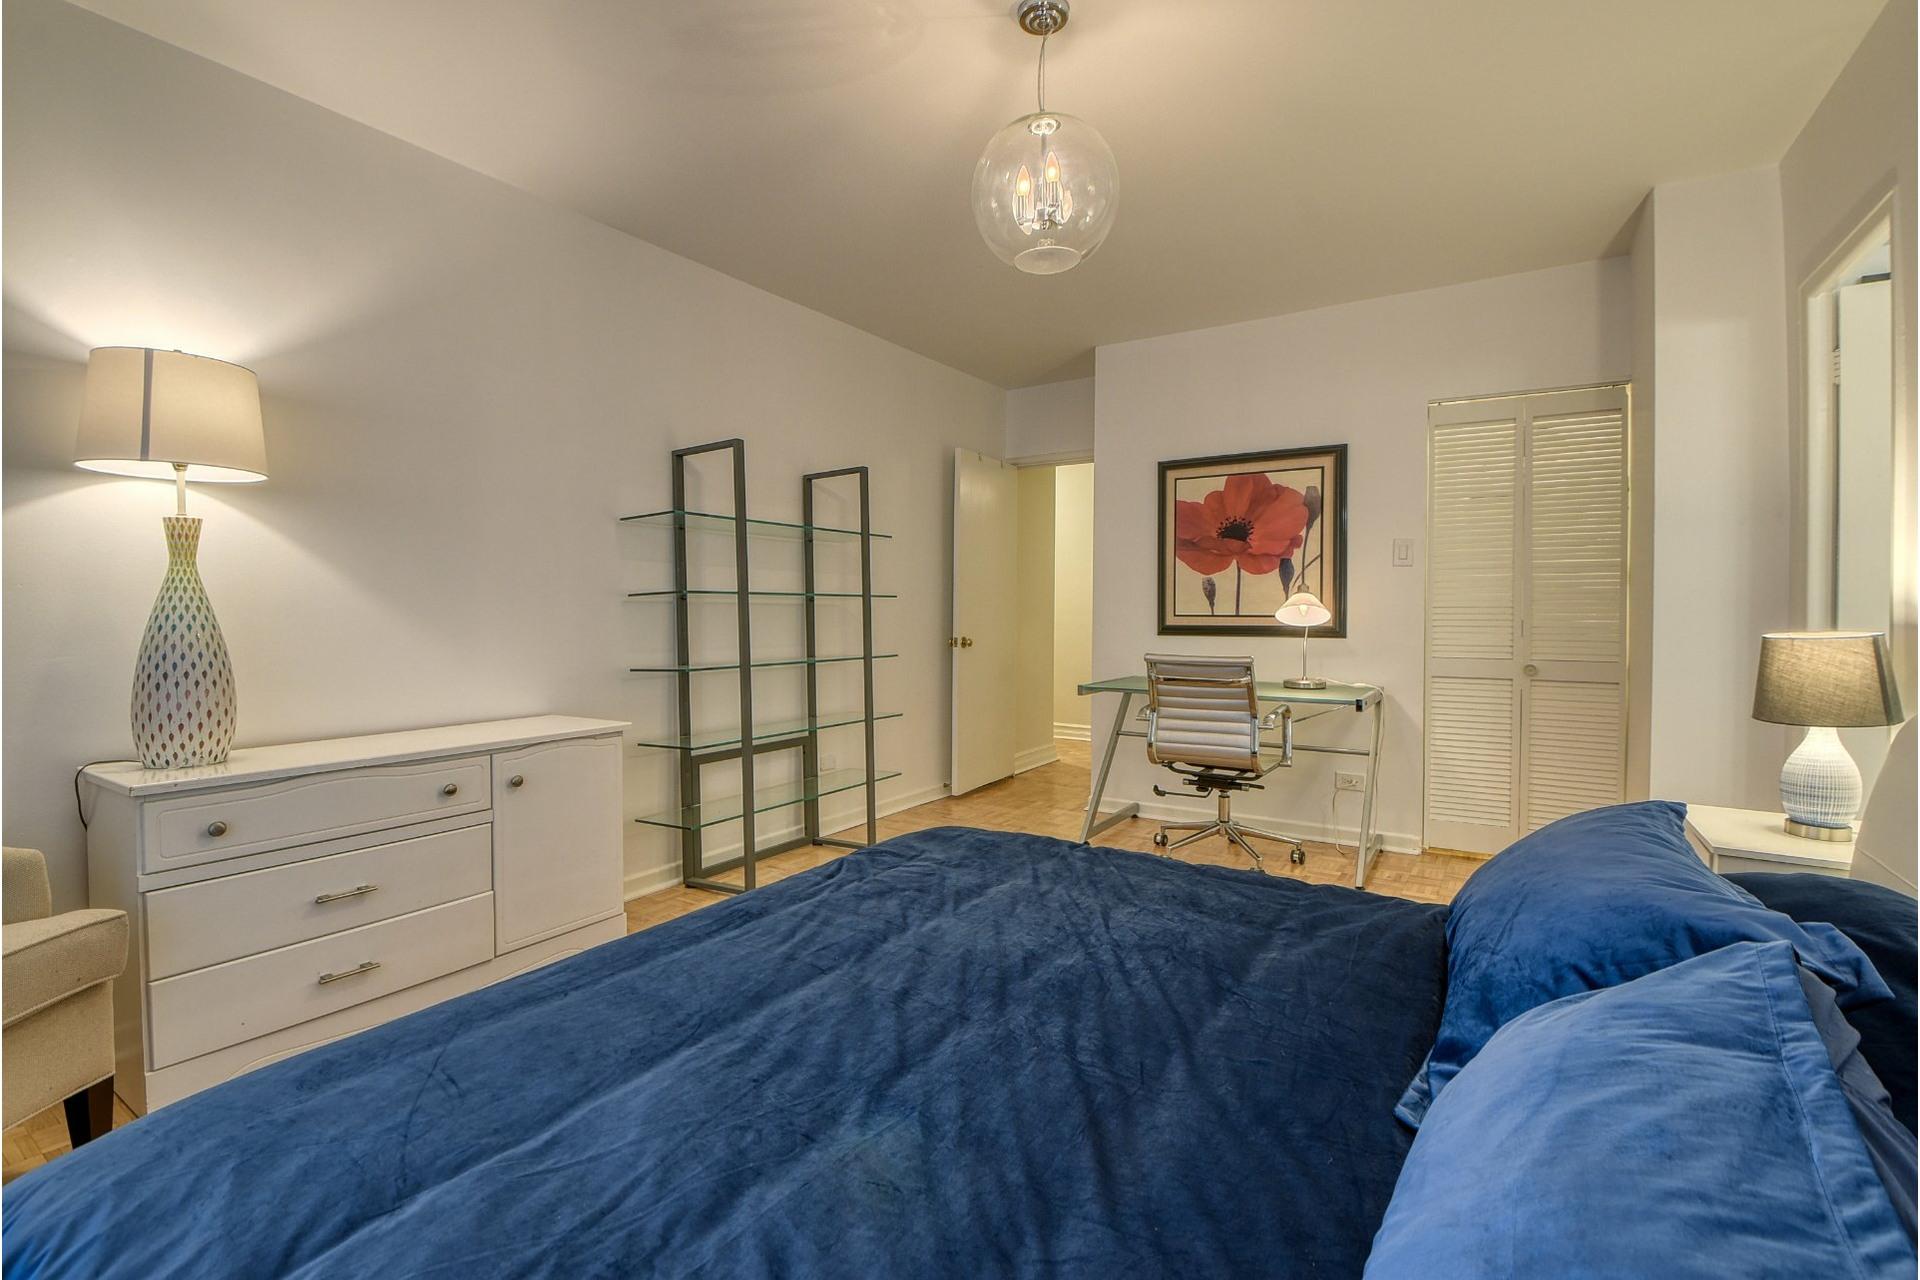 image 7 - Apartment For rent Ville-Marie Montréal  - 6 rooms